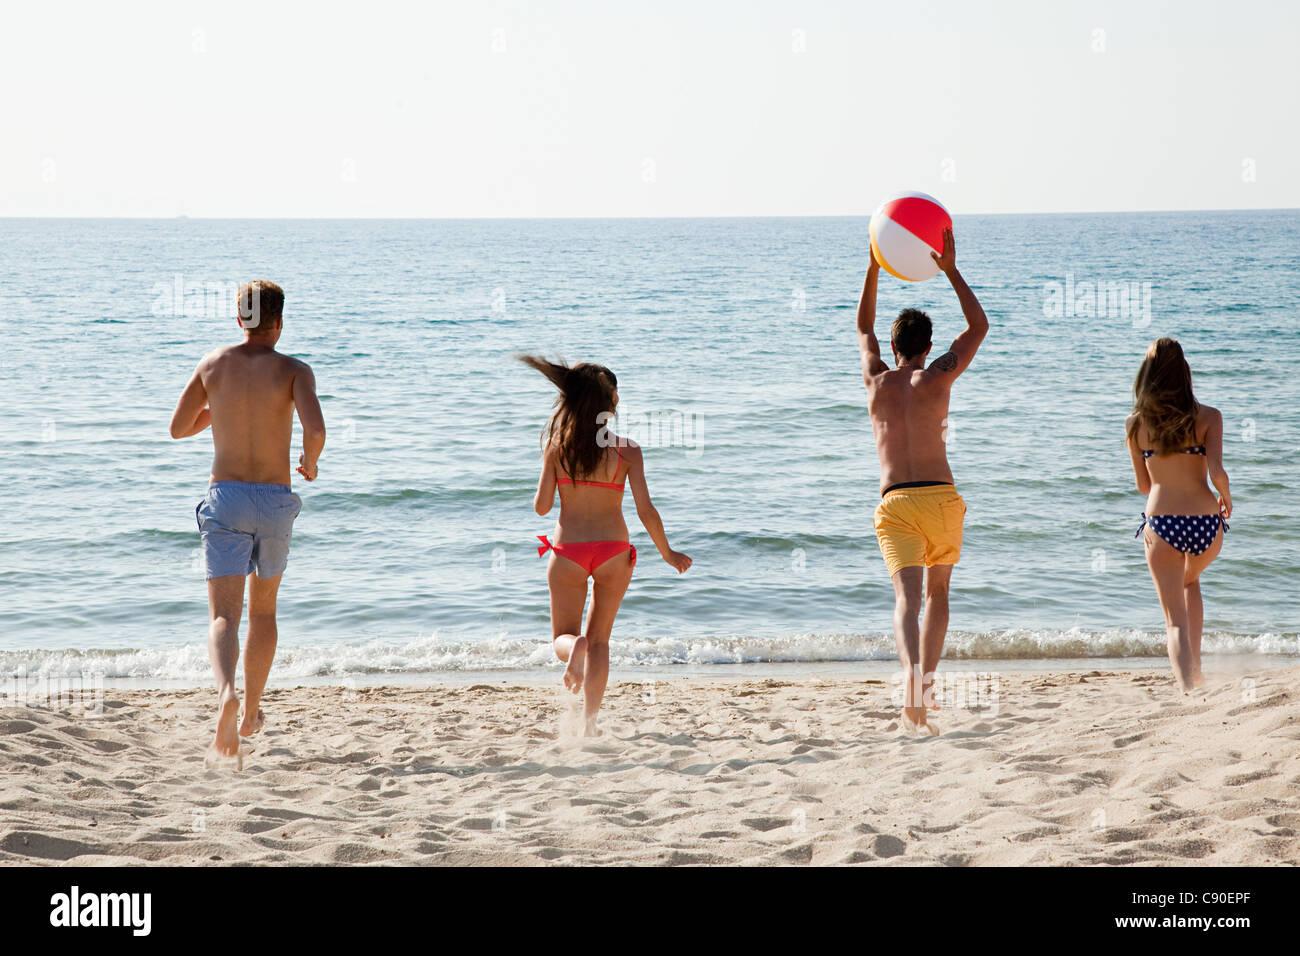 Cuatro personas jugando con la pelota de playa en la playa Foto de stock